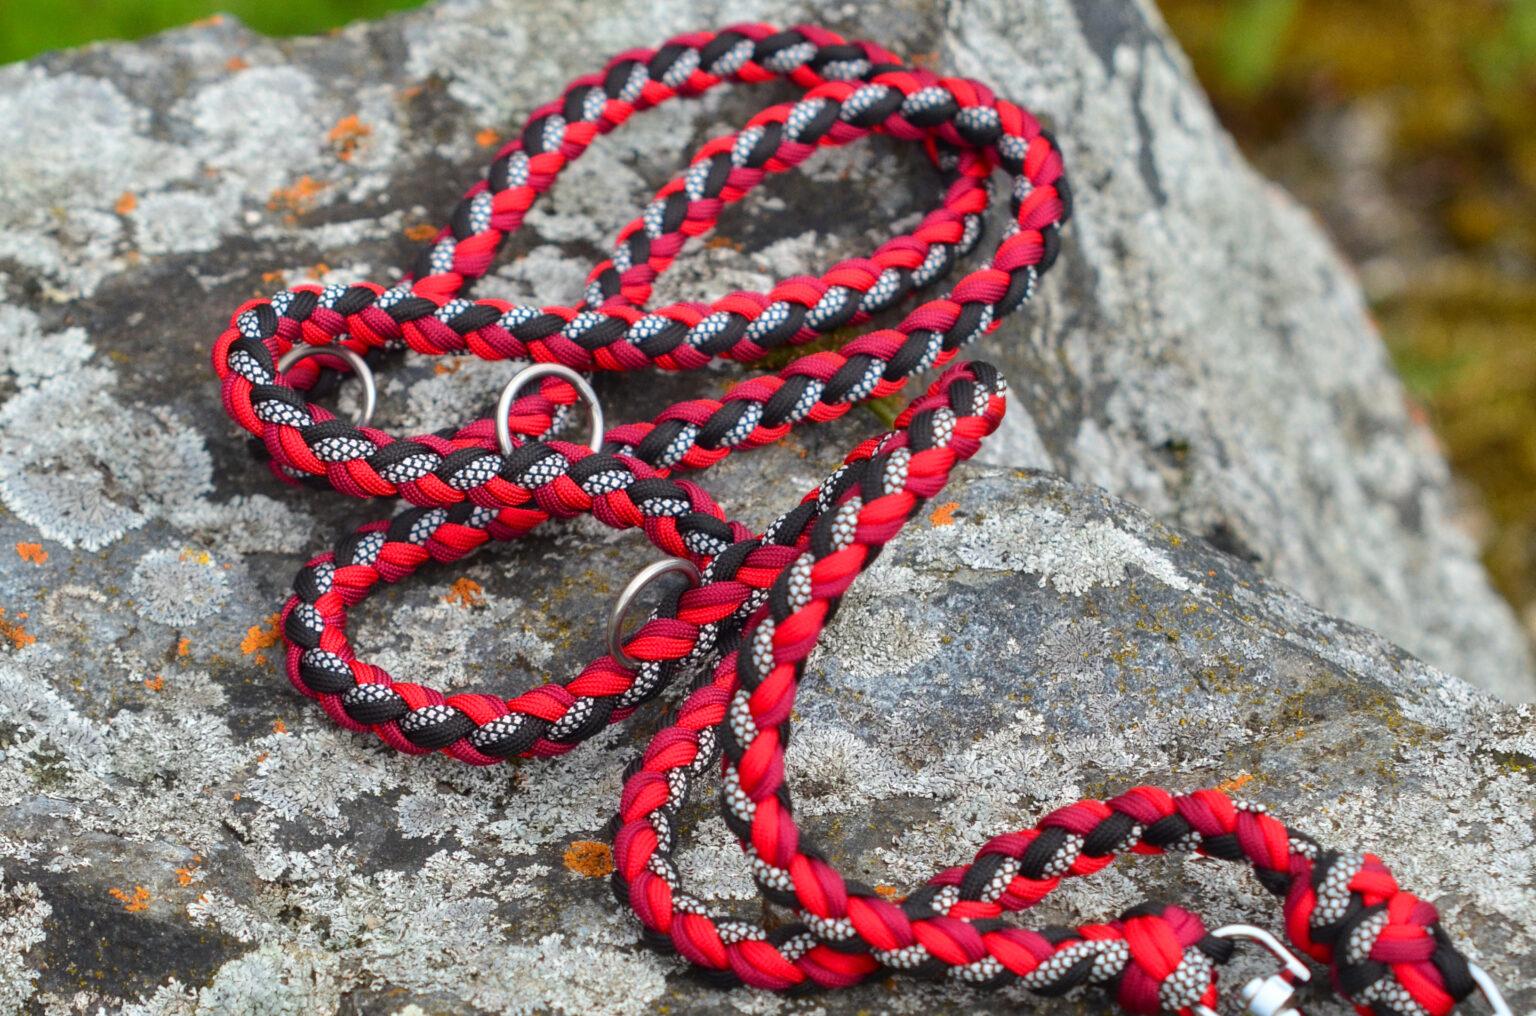 Rot und Schwarz passen einfach wunderbar zusammen. Durch das weiß gemusterte Cord wirkt die Leine noch interessanter!